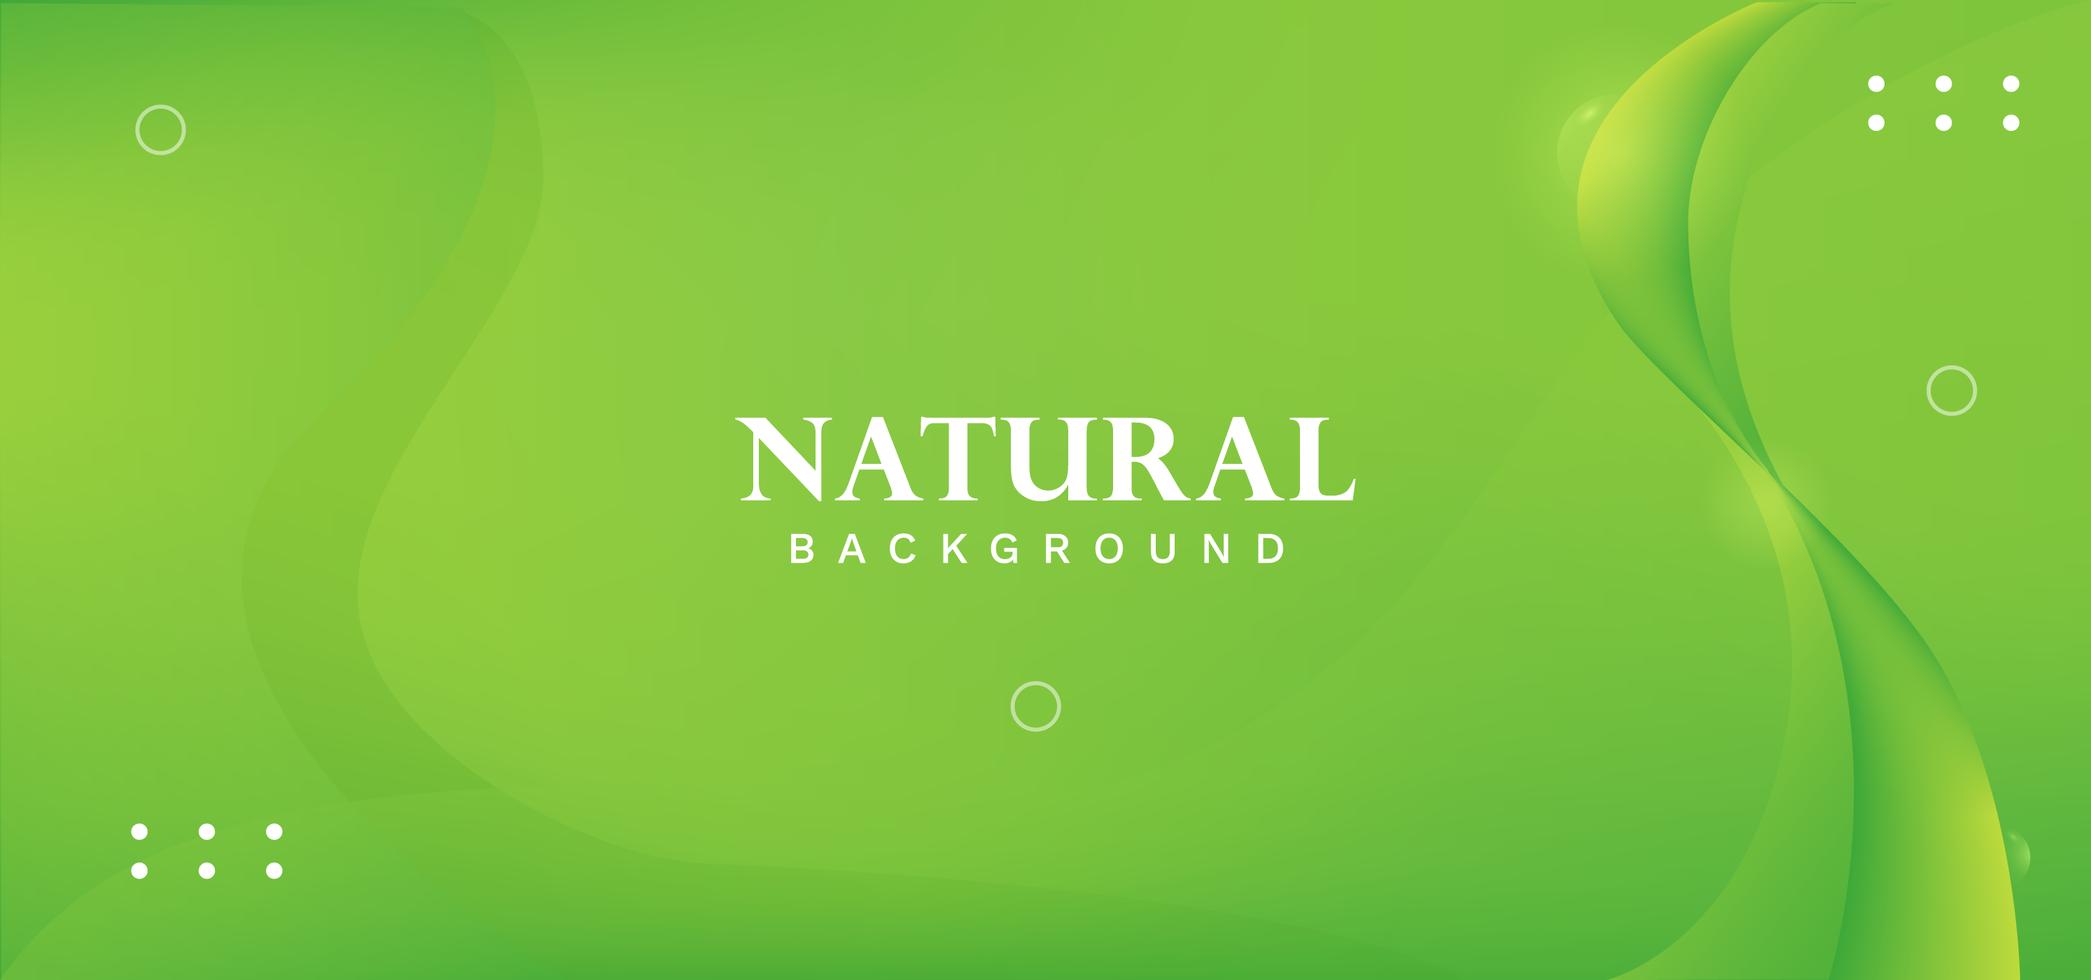 grünes natürliches abstraktes Wellendesign vektor